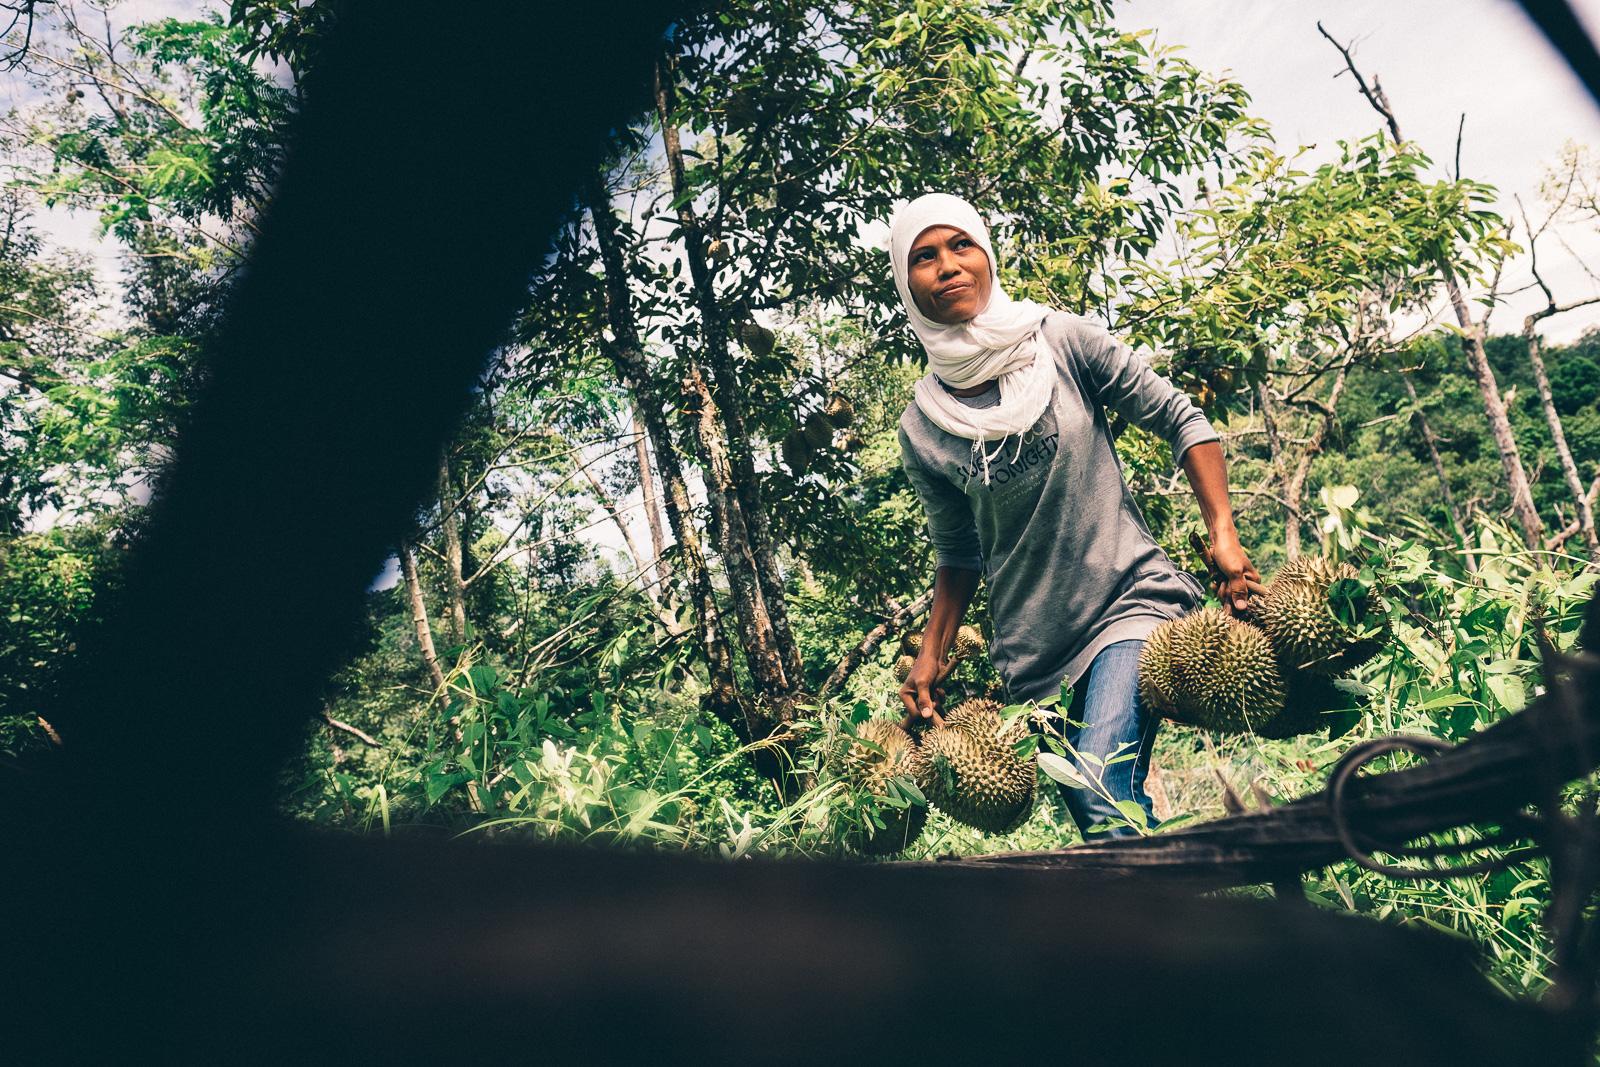 Collecing durian - Penang Editorial Photographer